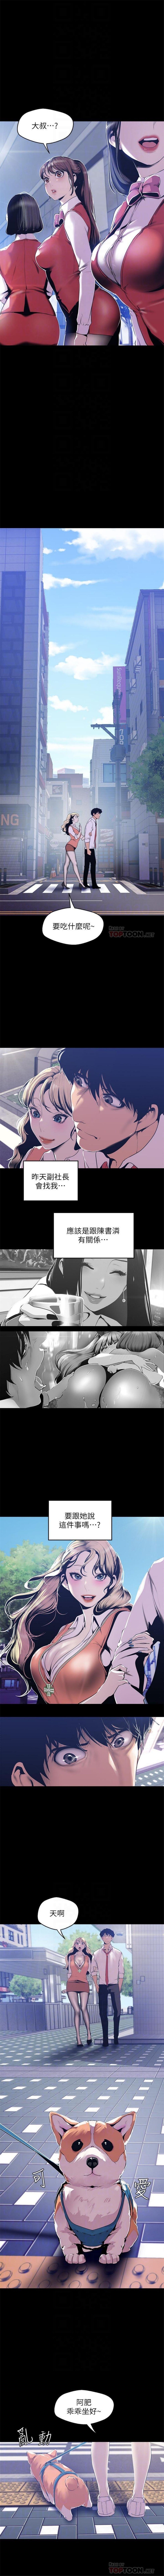 美麗新世界 1-85 官方中文(連載中) 605